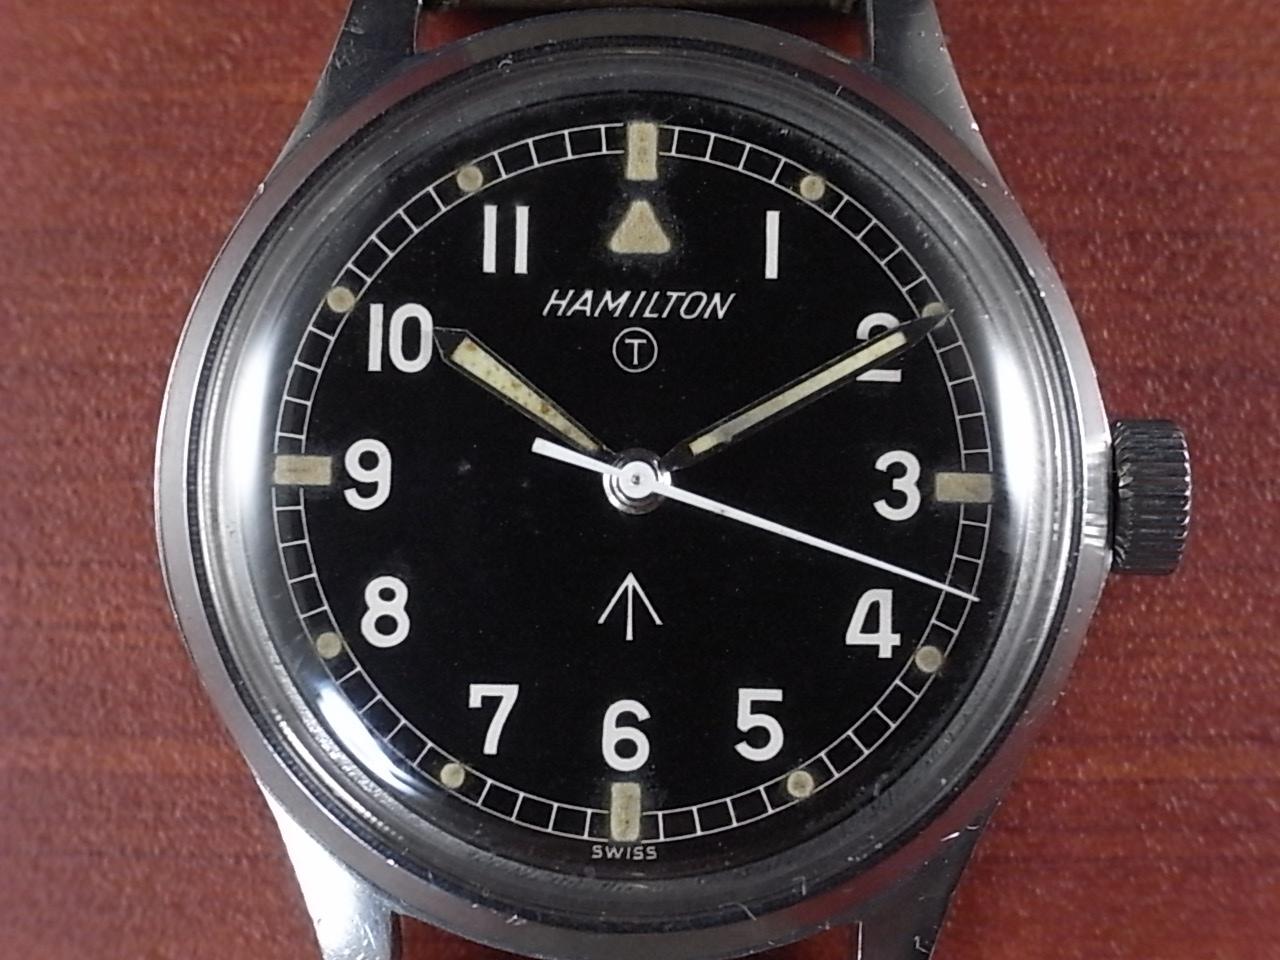 ハミルトン 軍用時計 ロイヤルエアフォース ラウンド 6B 1960年代の写真2枚目